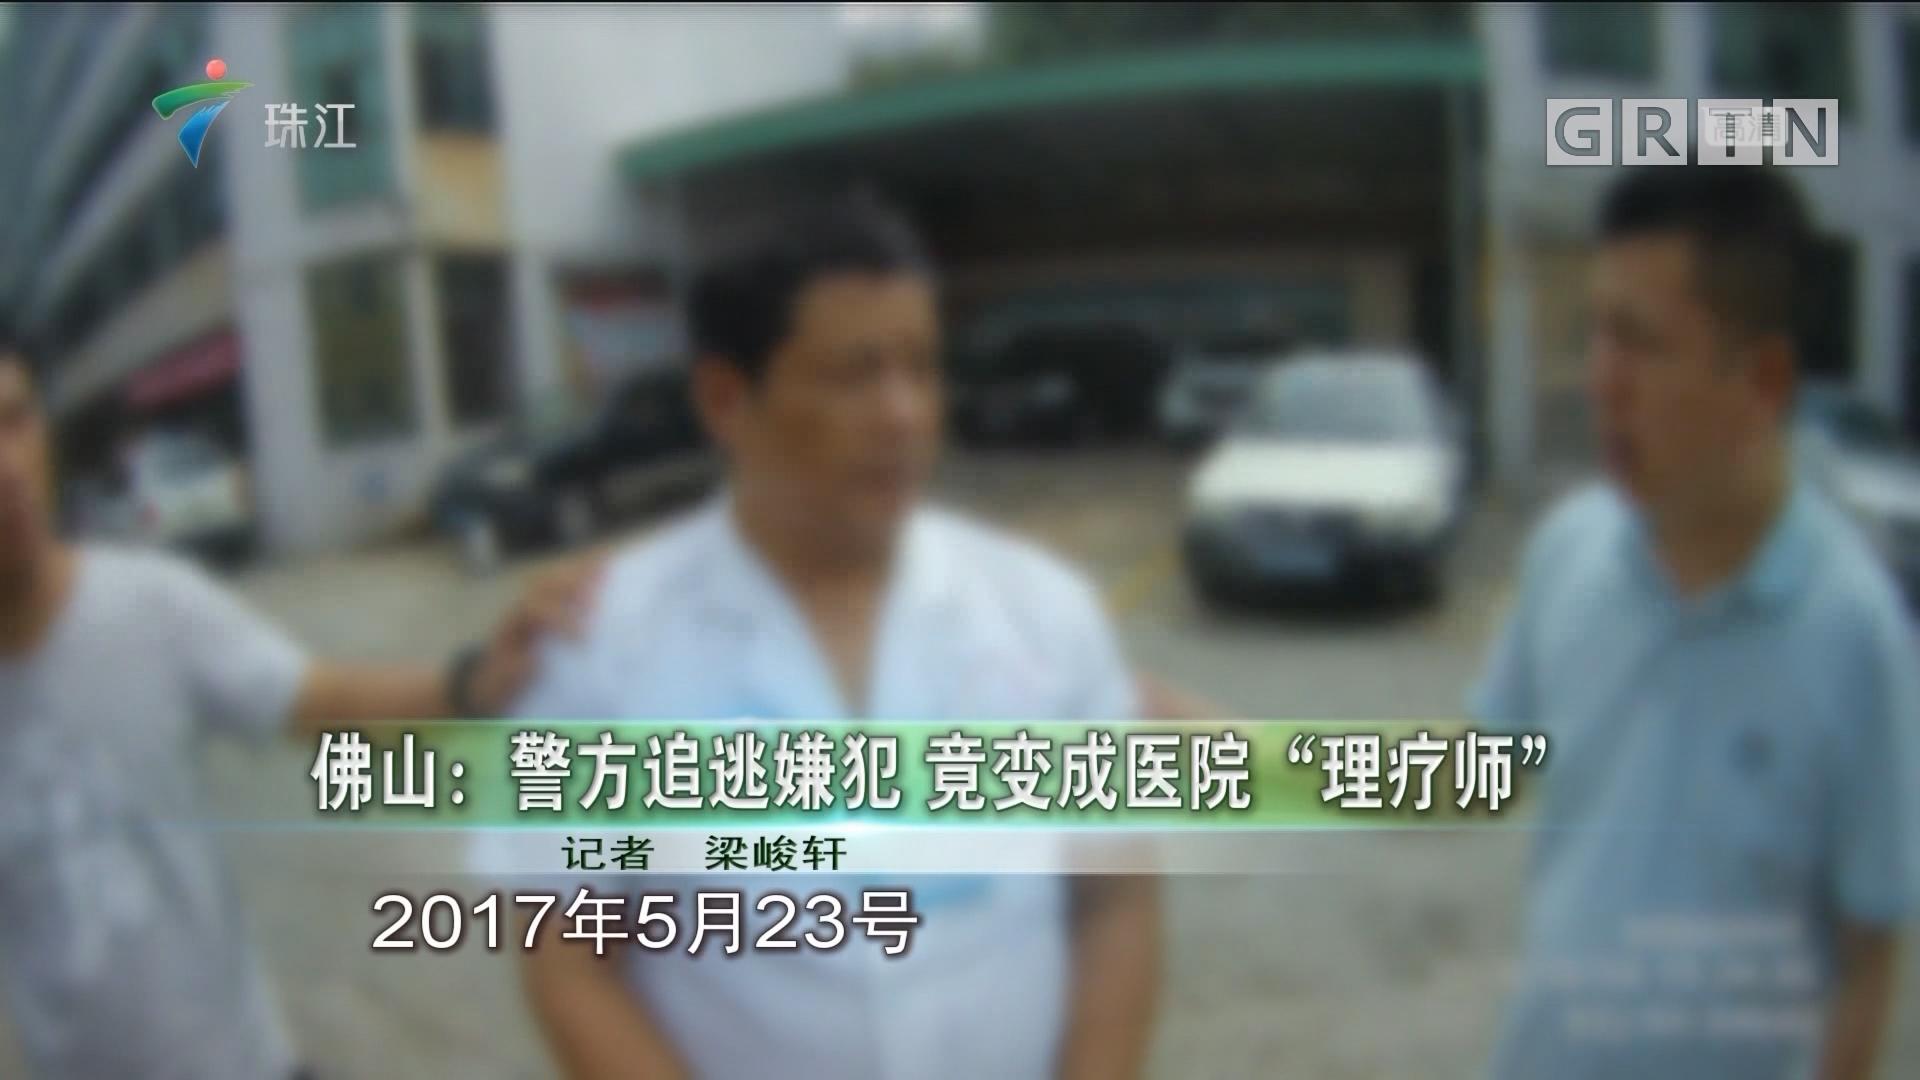 """佛山:警方追逃嫌犯 竟变成医院""""理疗师"""""""